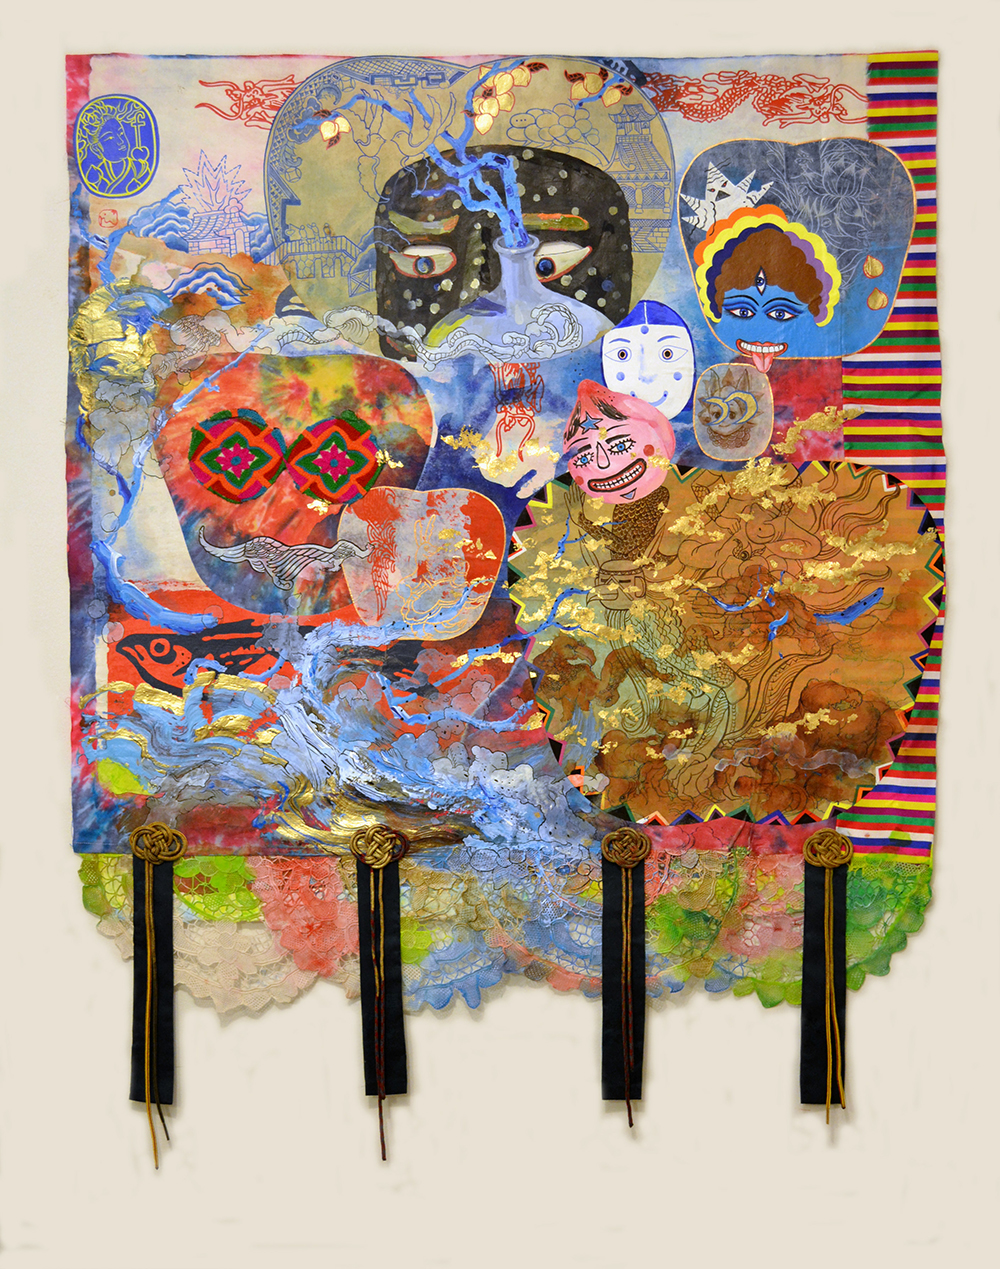 """Jiha Moon  El sueño del viajero  Ink and acrylic on Hanji paper, shoelaces, doily, tie-dye fabric 41"""" x 31"""" 2014"""